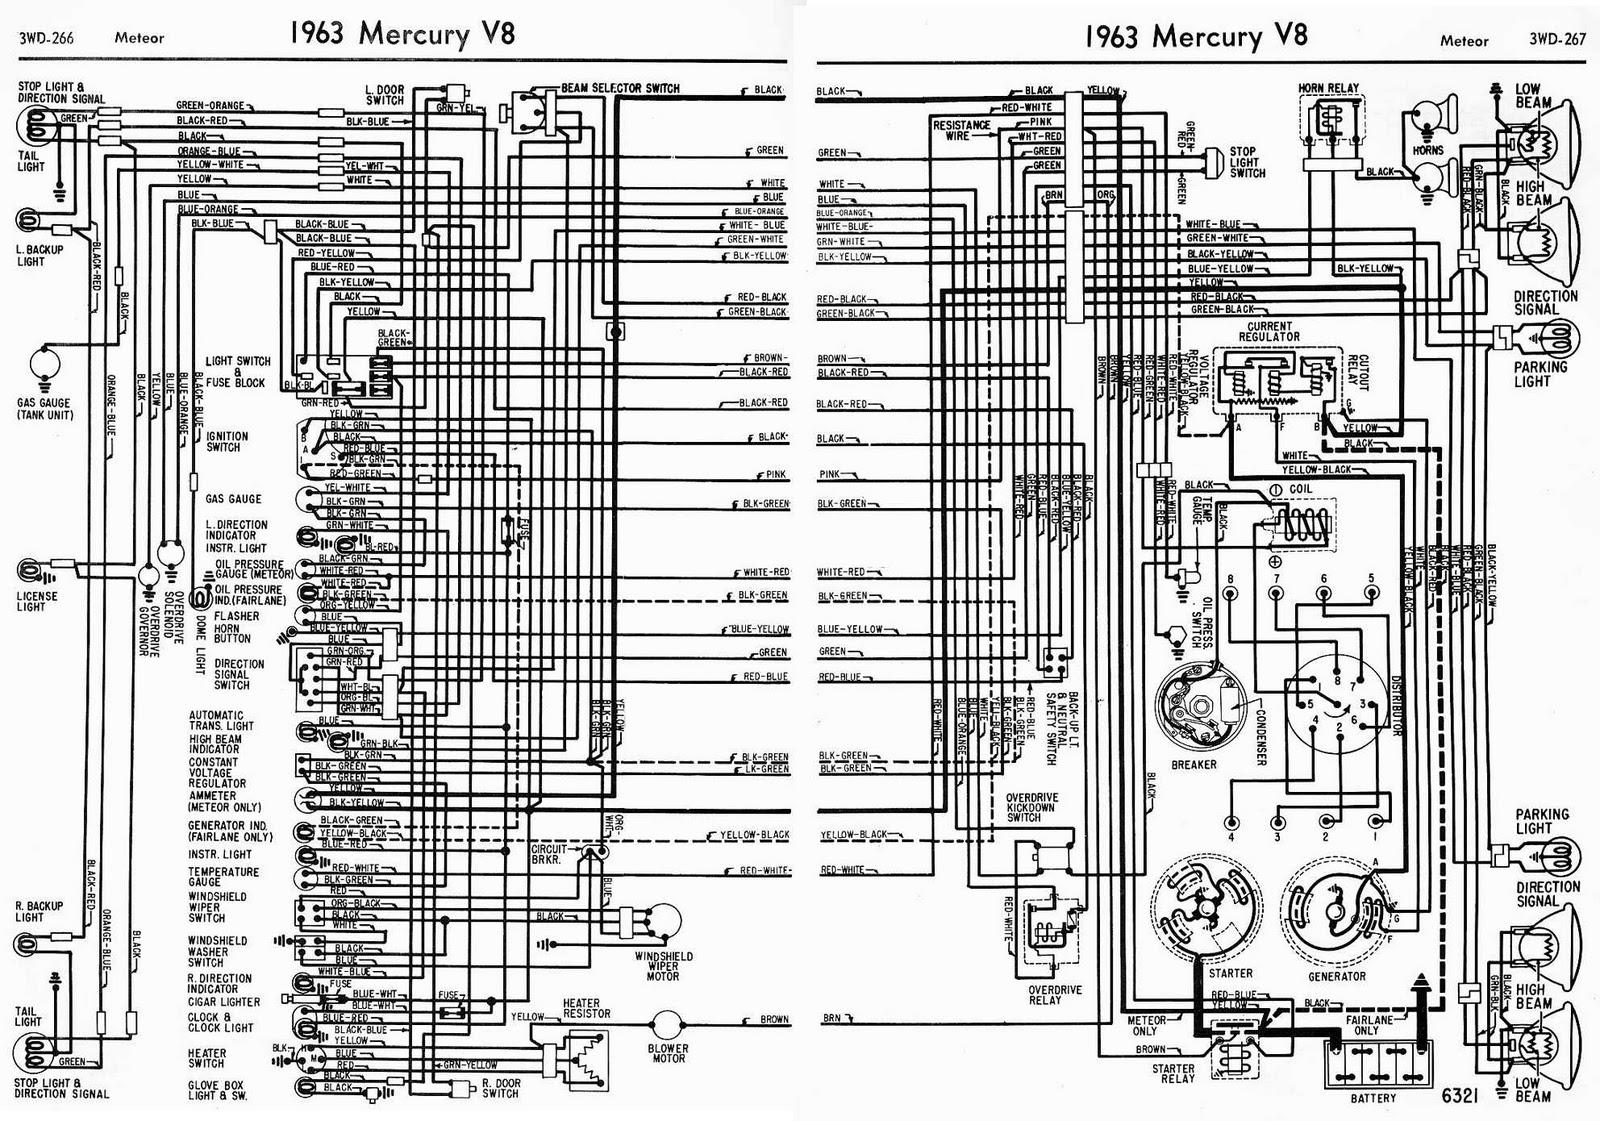 1972 Honda Trail 70 Wiring Diagram Schematic Diagrams 1970 S90 Cl70 Schematics Mr50